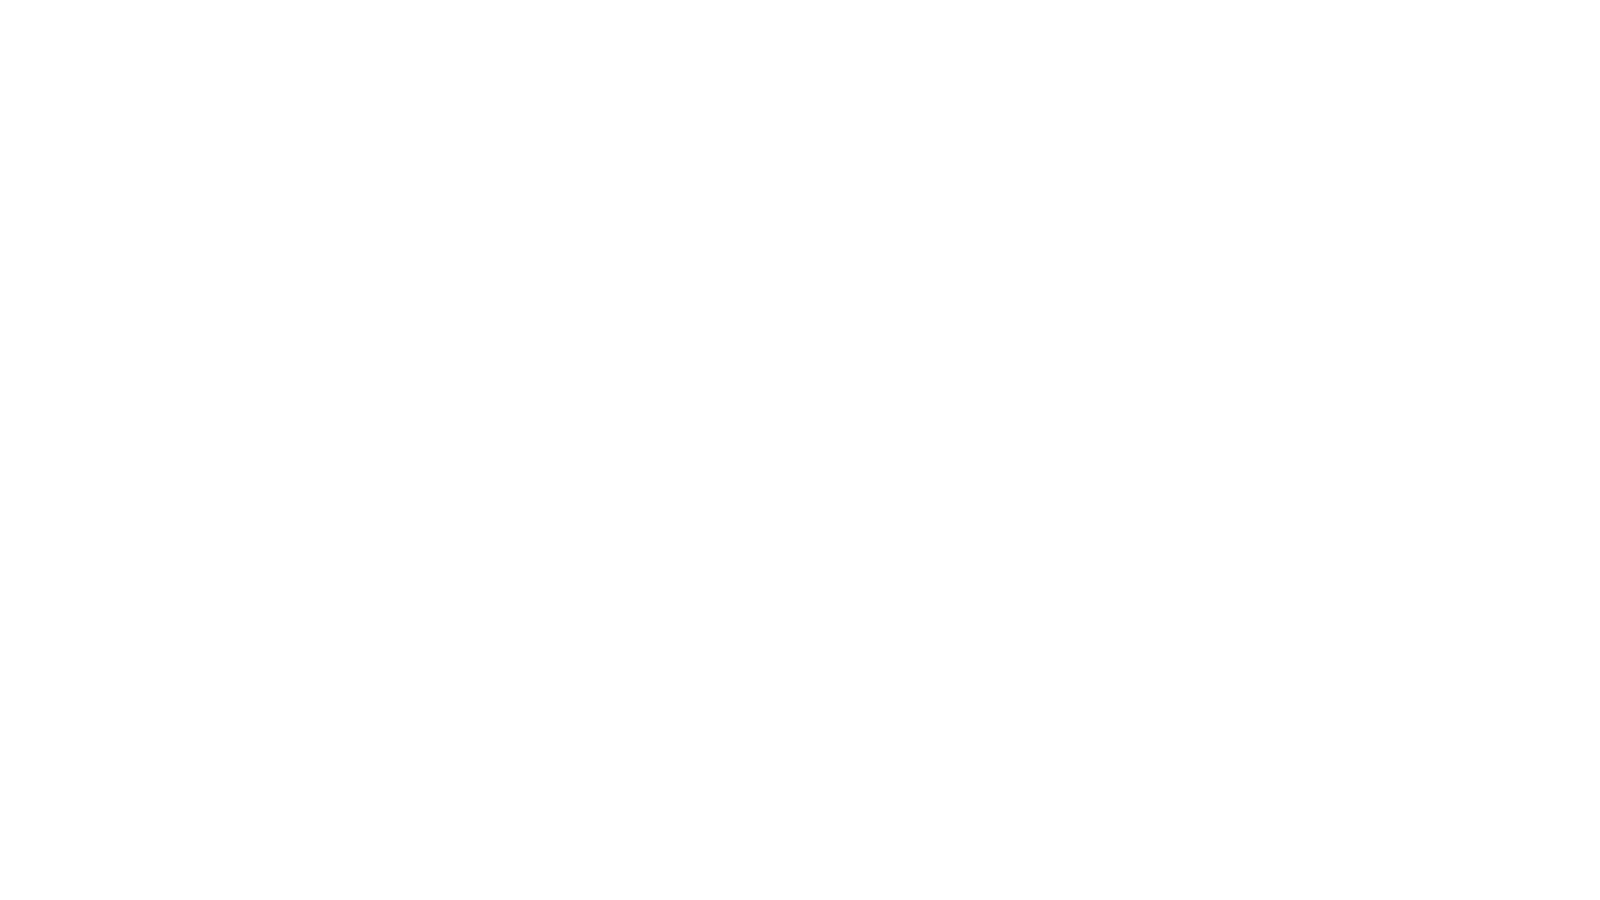 """Qui siamo a bordo del nostro OMG Hummer H2 Luxury Limousine.   L'abitacolo esterno ma interno in particolare è stato fatto completamente nuovo nel 2019 con la realizzazione della prima limousine UltraTecnologia a bordo. La nostra Ammiraglia della OMG Luxury Limousine.   - Divanetti bicolor Nero e Bianco realizzati con ondulature create ad hoc. - Pavimento Red Carpet con Led multicolor che cambiano colore a rotazione - Cielo Stellato in Fibra Ottica per tutta la lunghezza del veicolo  - Impianto Audio/Sterio con due Subwoofer piazzati in fondo al veicolo con lettura Dvd, Aux, Cd, Bluetooth   - Secondo Impianto Audio con Apple Ipad 13"""" a bordo con impianto bose intregato all'interno del bar della limousine con connessione Wi-Fi.  - Bar Completamente Nuovo con porta Biccheri e Vasche porta Champagne completamente ridefinite in colore nero lucido e bianco ghiaccio.  per la tua festa indimenticabile questa è la Limousine più adatta!    Un Regalo Unico per te e i tuoi invitati. OMG Luxury Limousine in tutto il Centro/Nord Italia.  Noleggio Limousine in Toscana , Liguria, Emilia-Romagna, Umbria. Noleggio Hummer Limousine e Noleggio Limousine Firenze , Versilia, Pisa, Lucca, Prato, Siena, Grosseto, Rimini, Riccione, Genova, Perugia, Bologna, Parma, Reggio-Emilia, Modena, La Spezia, Livorno, Pistoia.     Adesso vai a vedere gli altri Video del Nostro OMG Royal White Limousine:  Guarda il video presentazione:  https://www.youtube.com/watch?v=VeNnrOwwAqY  *******************************************************************   Vorresti essere tu il prossimo e vuoi scoprire come far morire di invidia le altre persone che non hanno creduto in te? Oppure Vuoi festeggiare in modo unico tutti i tuoi successi ?  Contattaci adesso e potrai usufruire delle nostre offerte esclusive se diventi un nuovo cliente!   O più semplicemente vai e scopri le nostre Experience all'interno della sezione dedicata OMG LIMO GIFT :   https://www.omglimogift.com ============================================"""